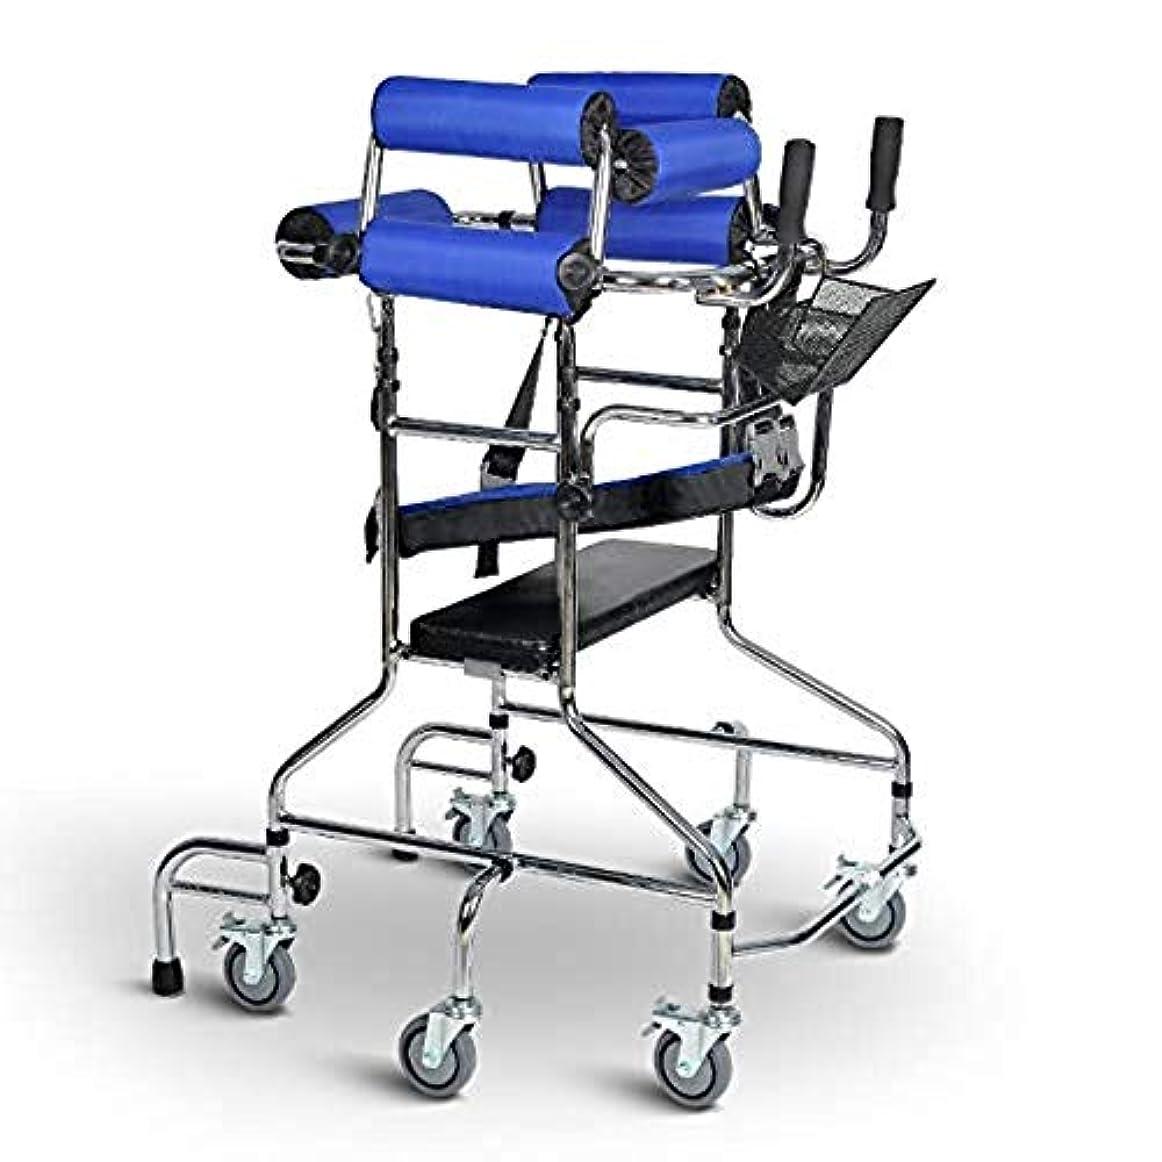 極めて重要な忠実錫滑車の大人の歩行フレームの歩行者、高齢者の歩行者の訓練装置は下肢の歩行フレームを助けました